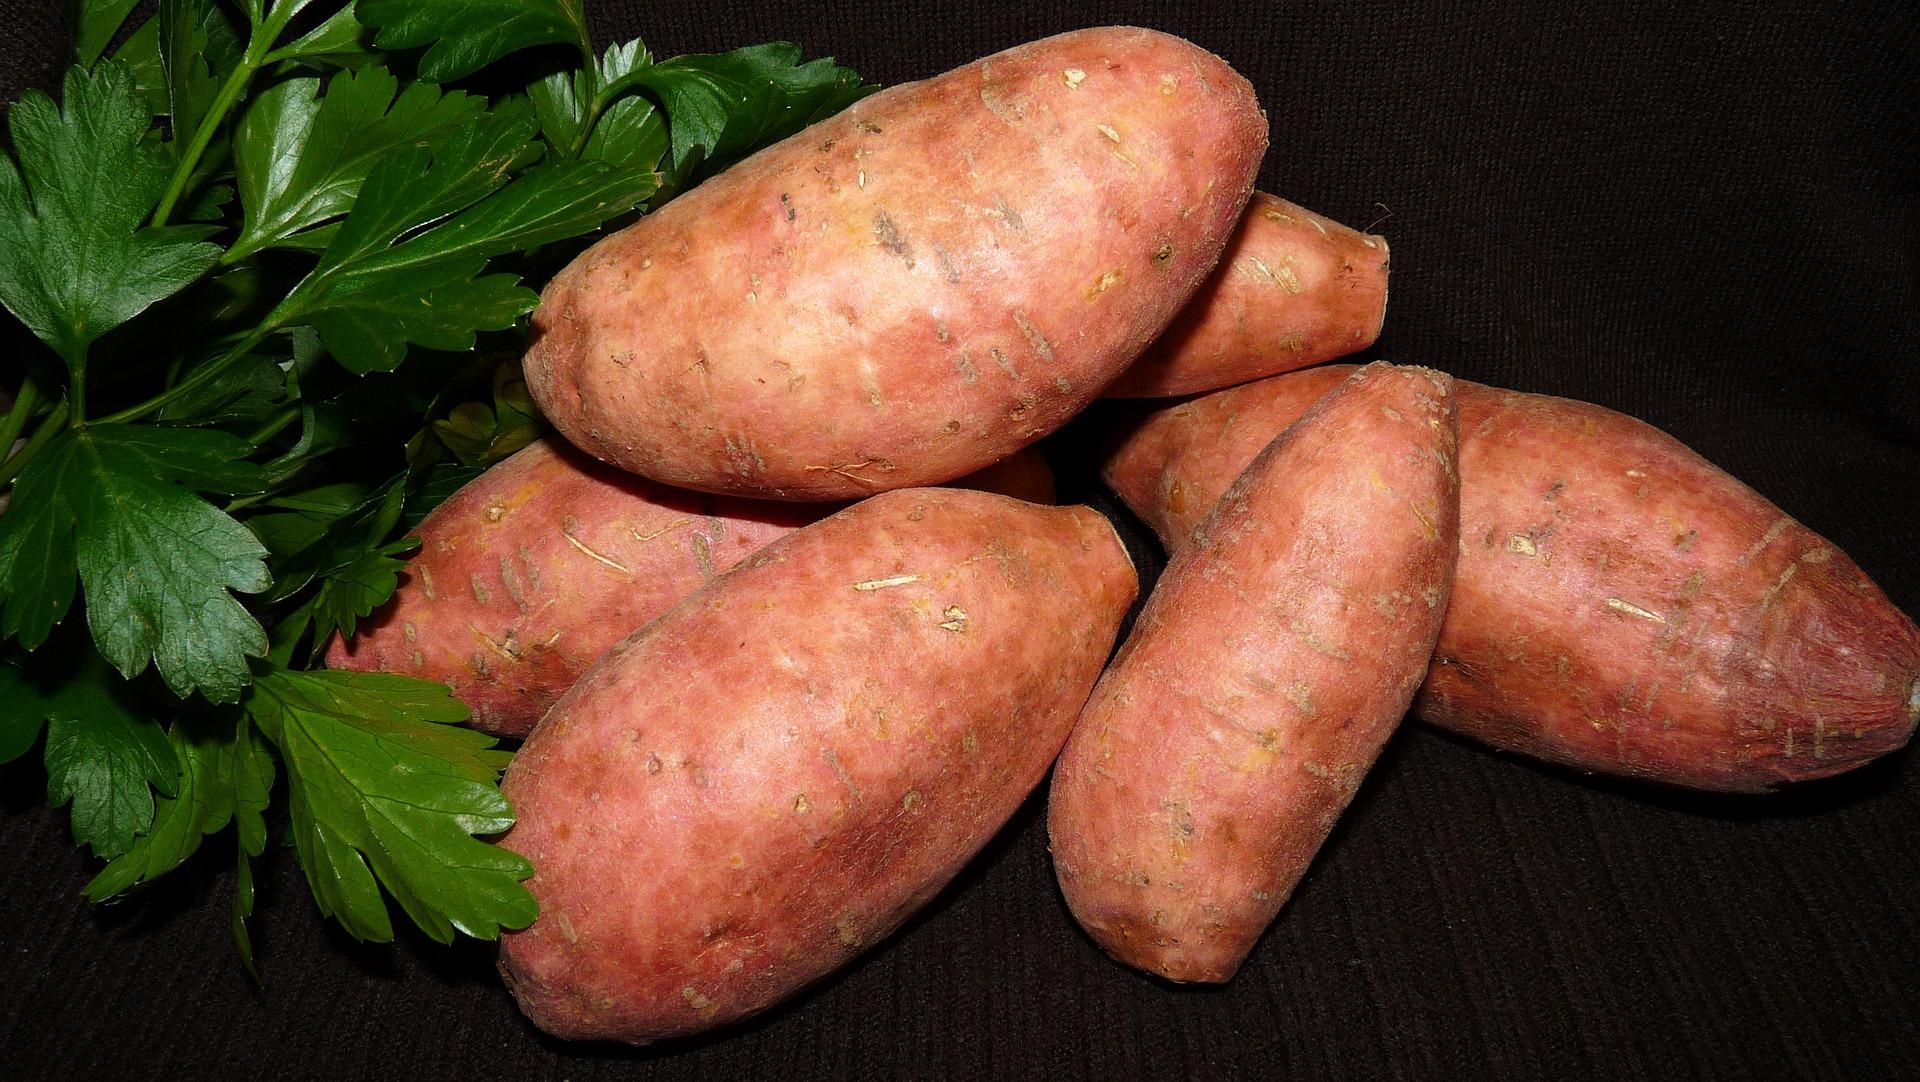 vegetable-3559112_1920.jpg